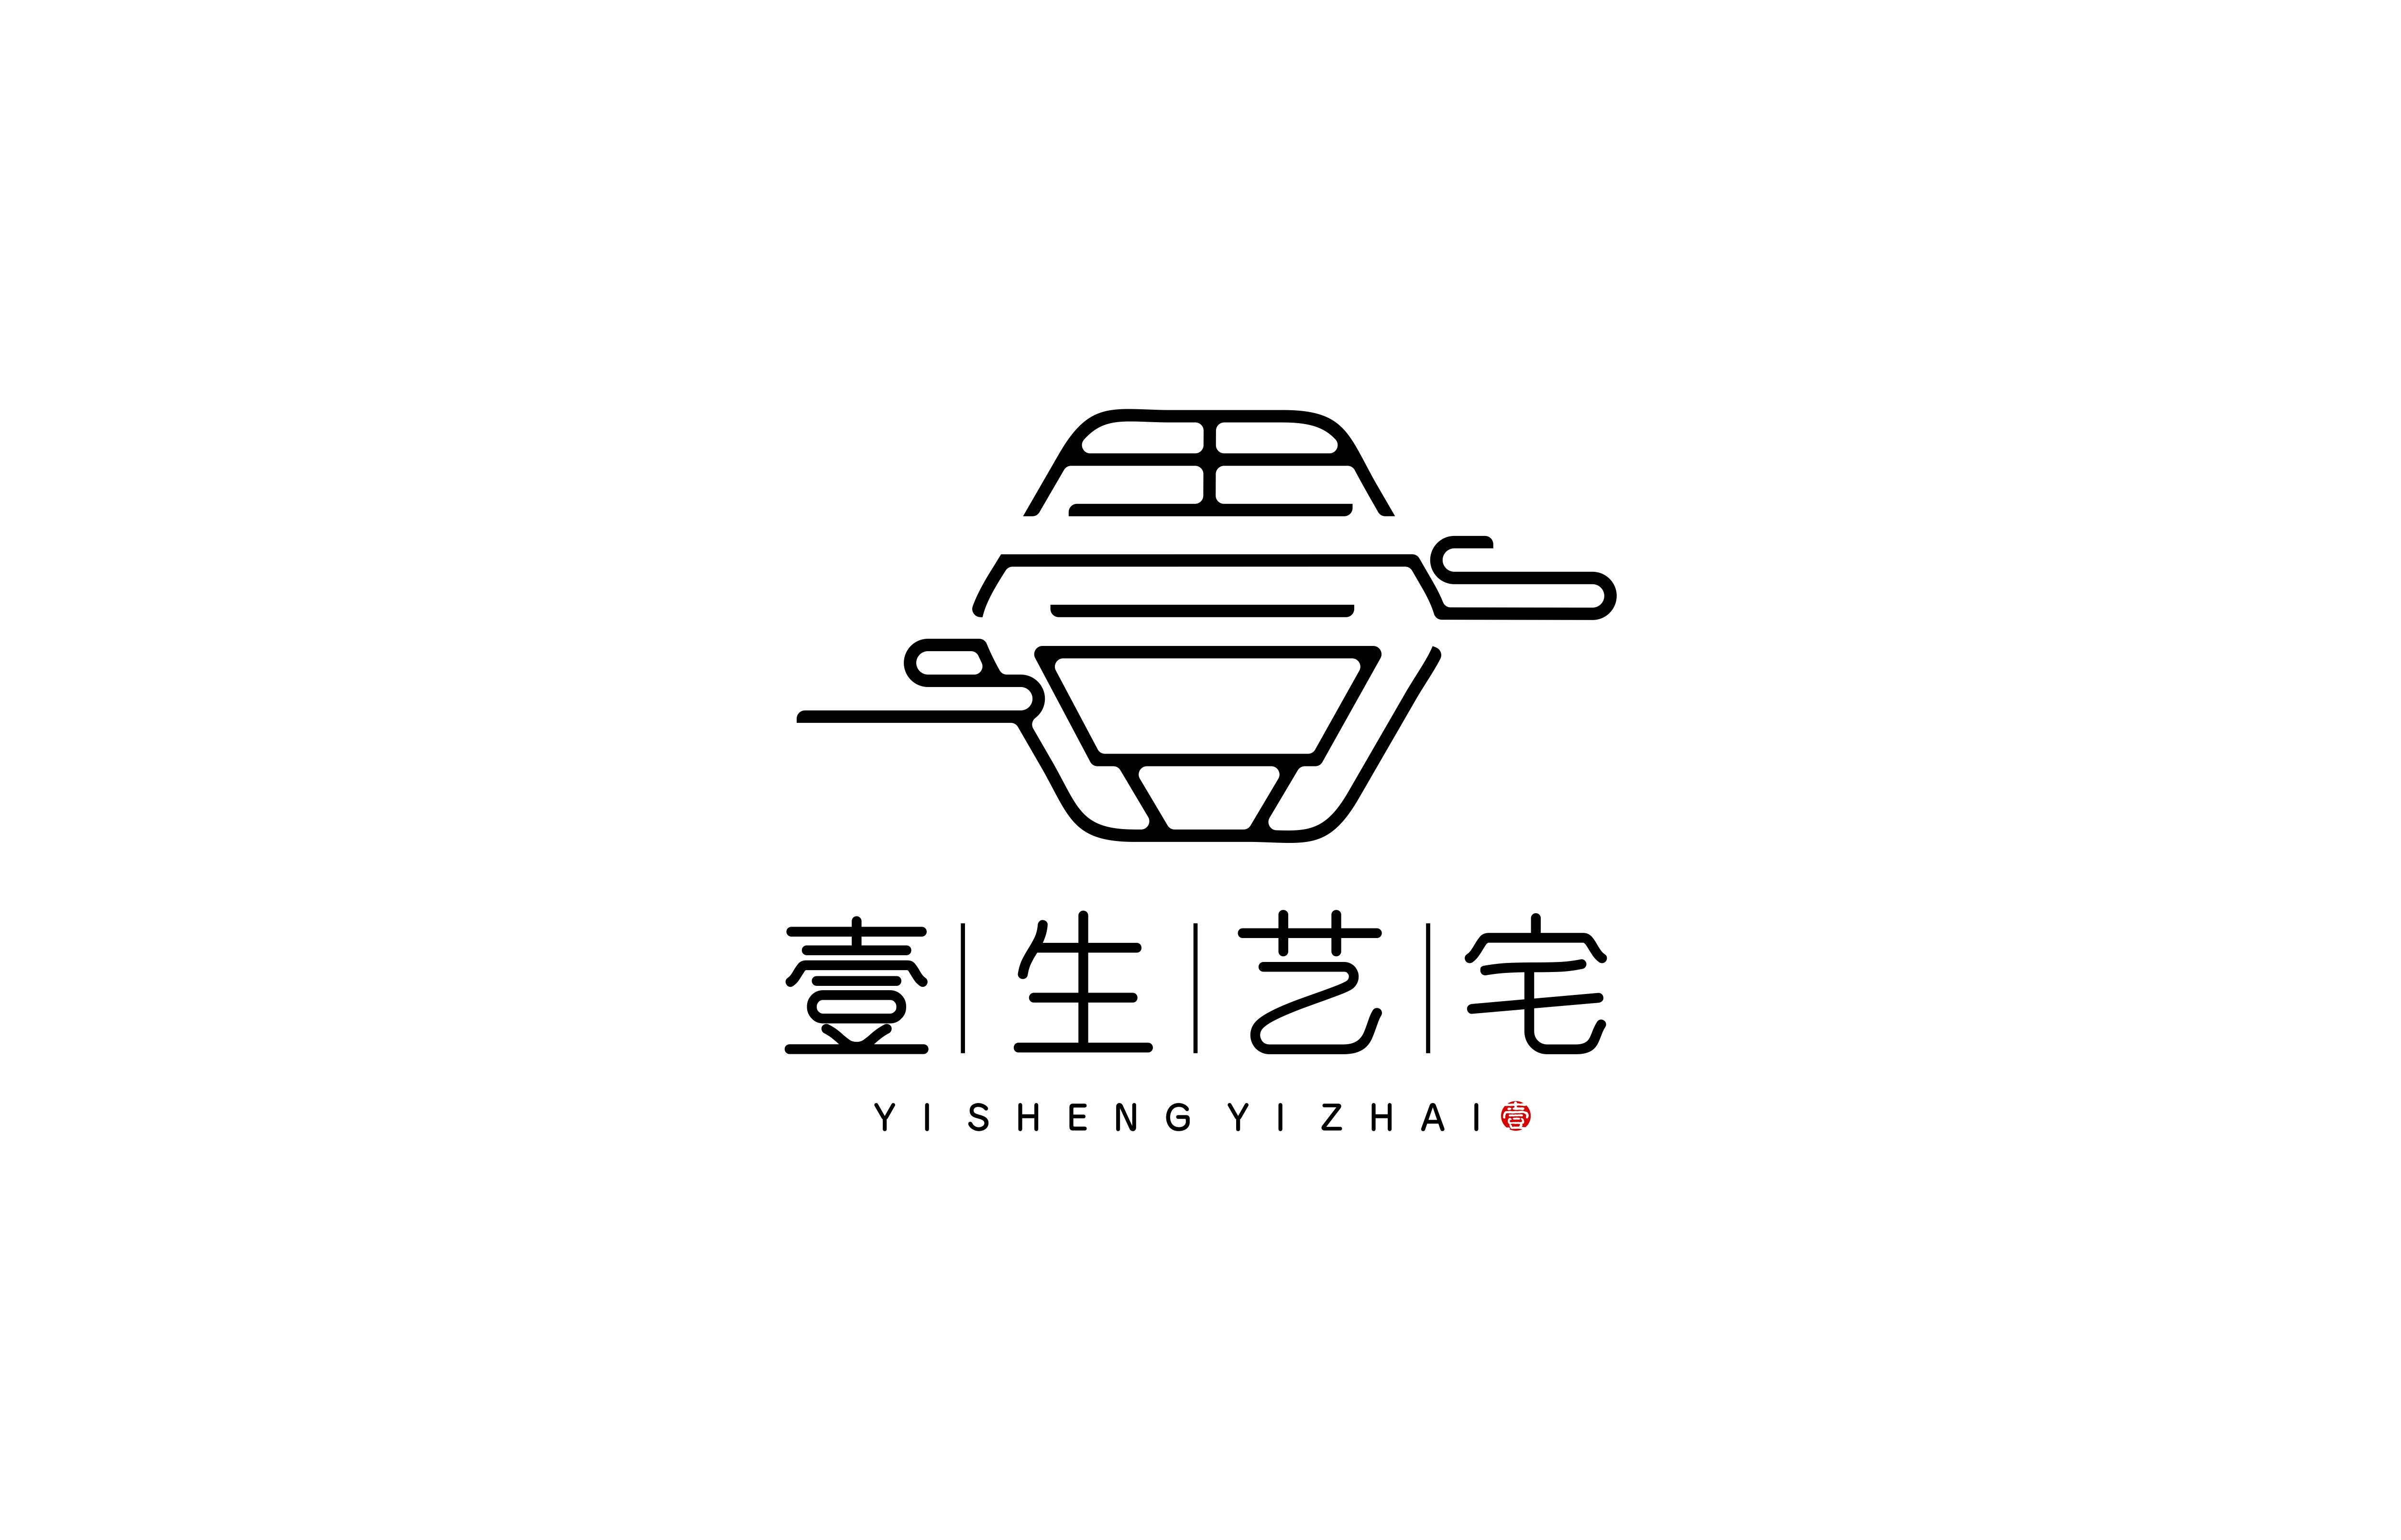 台州壹生艺宅装饰设计有限公司